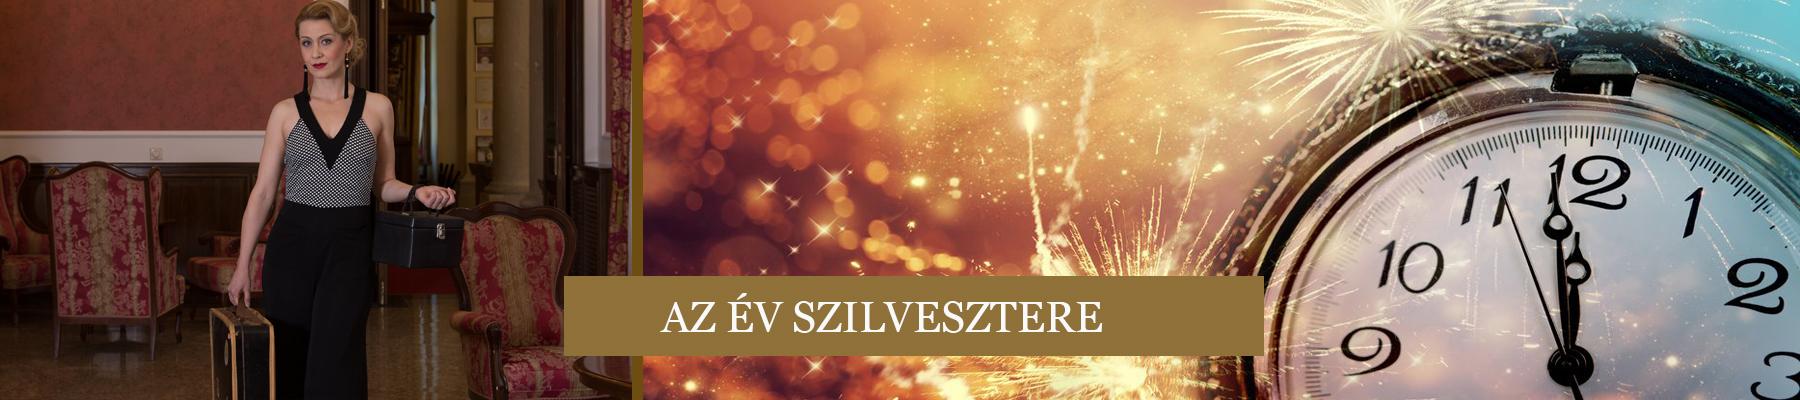 szilveszter_2019